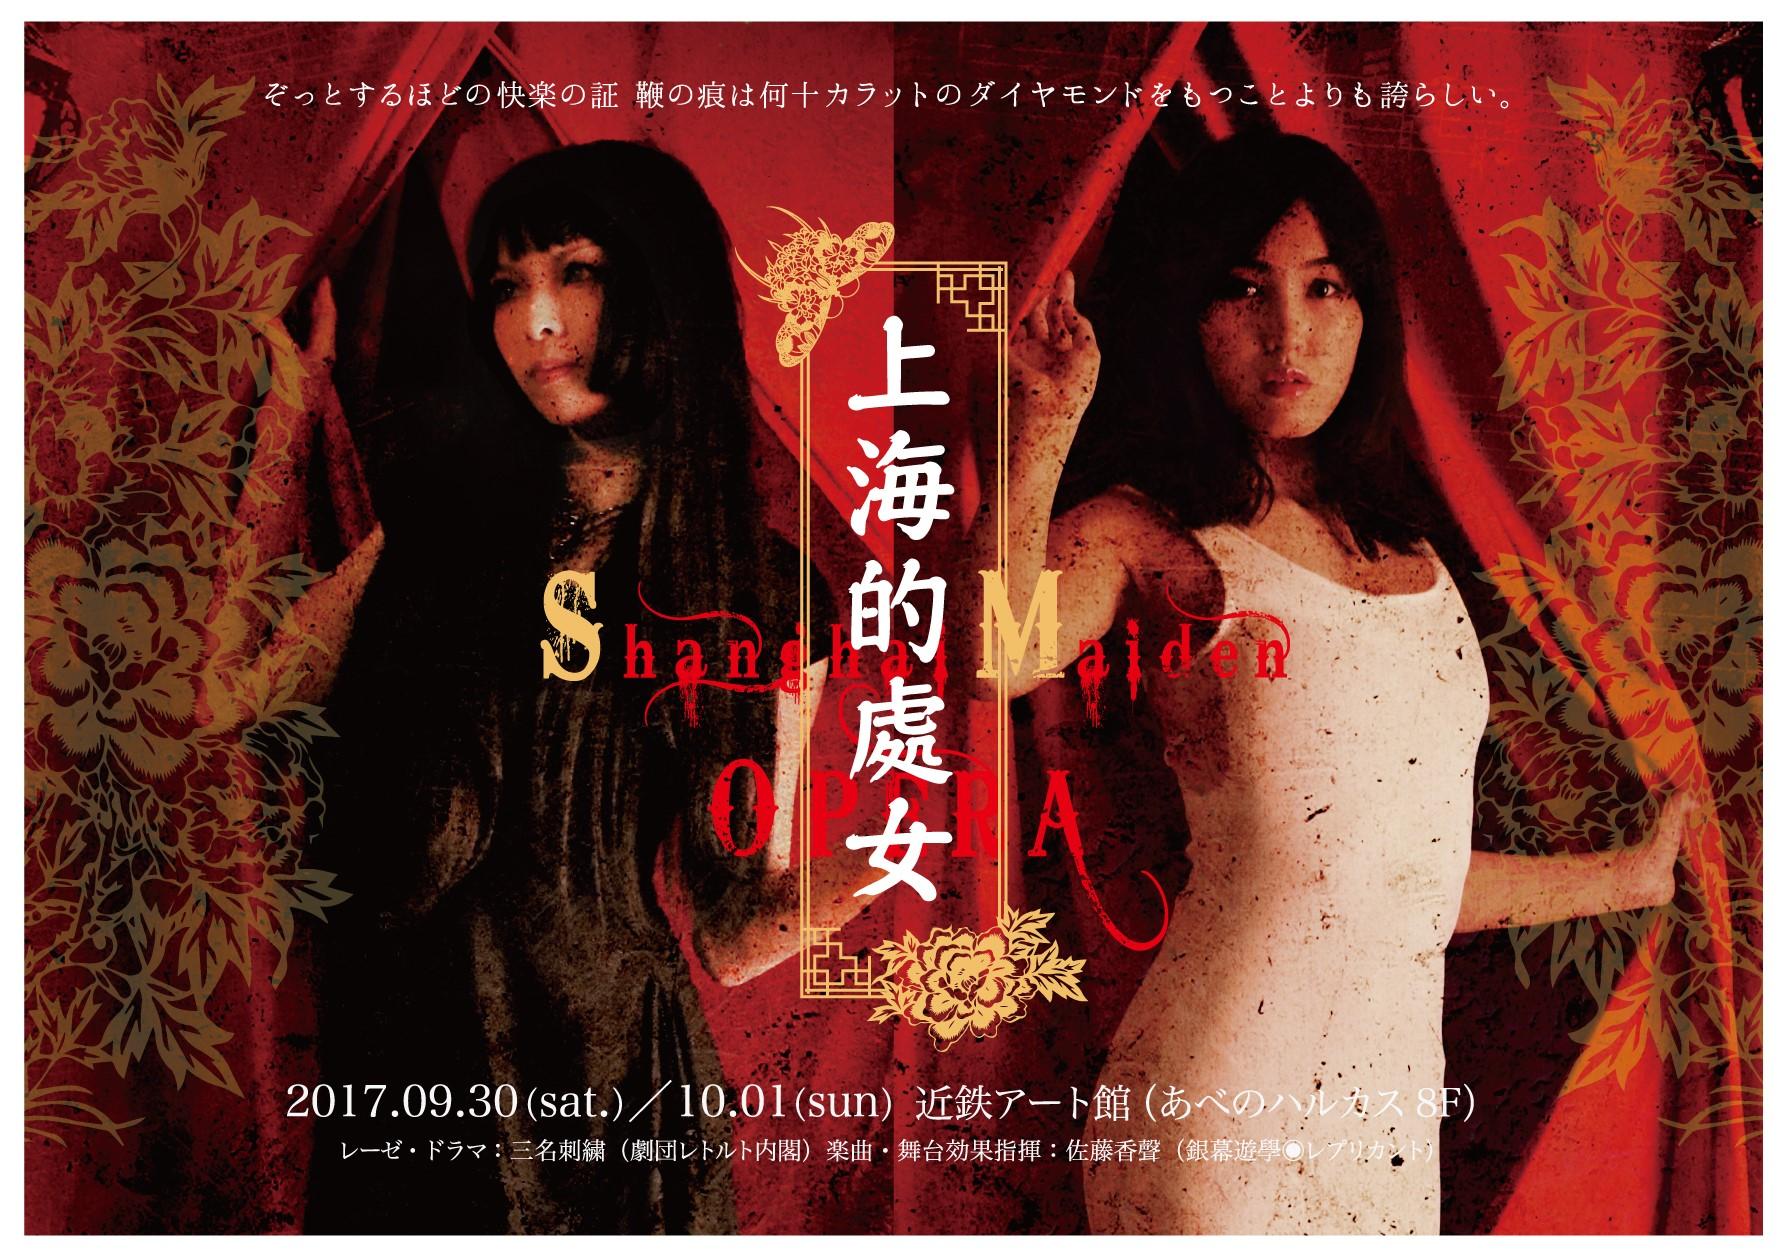 SMオペラ「上海的處女」(R18+)クラウドファンティング開始!!